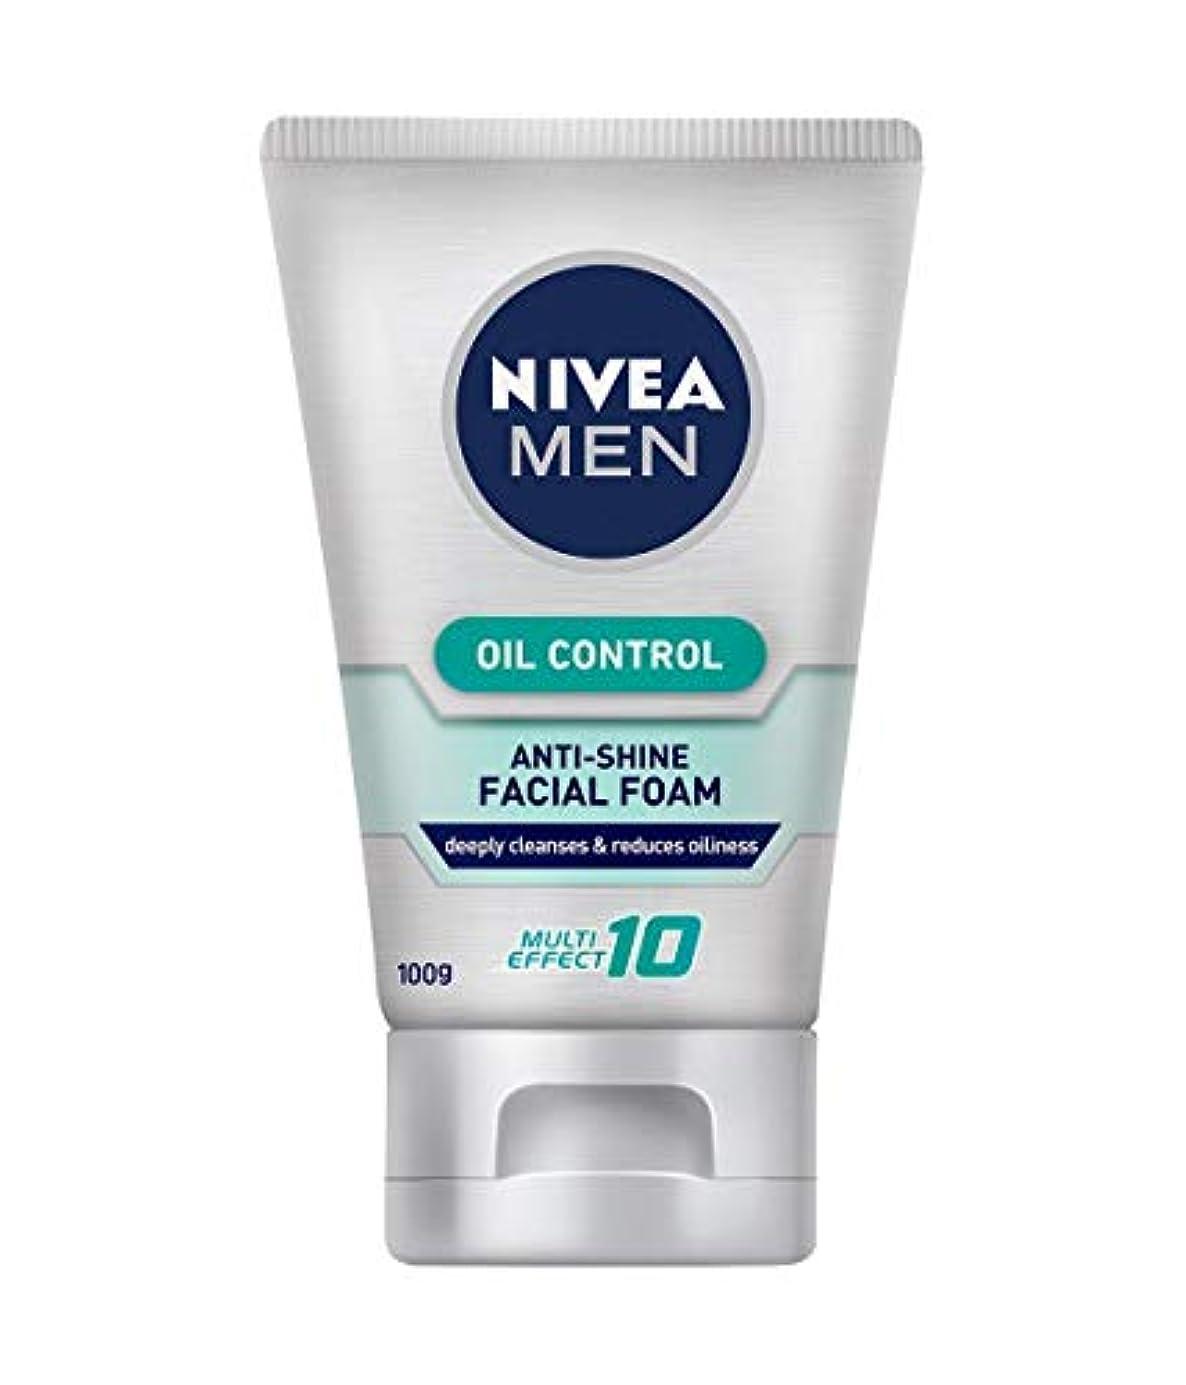 法律によりギャップリレーNivea For Men オイルコントロールクレンザー百グラム、にきびの問題を軽減しながら、炎症を和らげます。